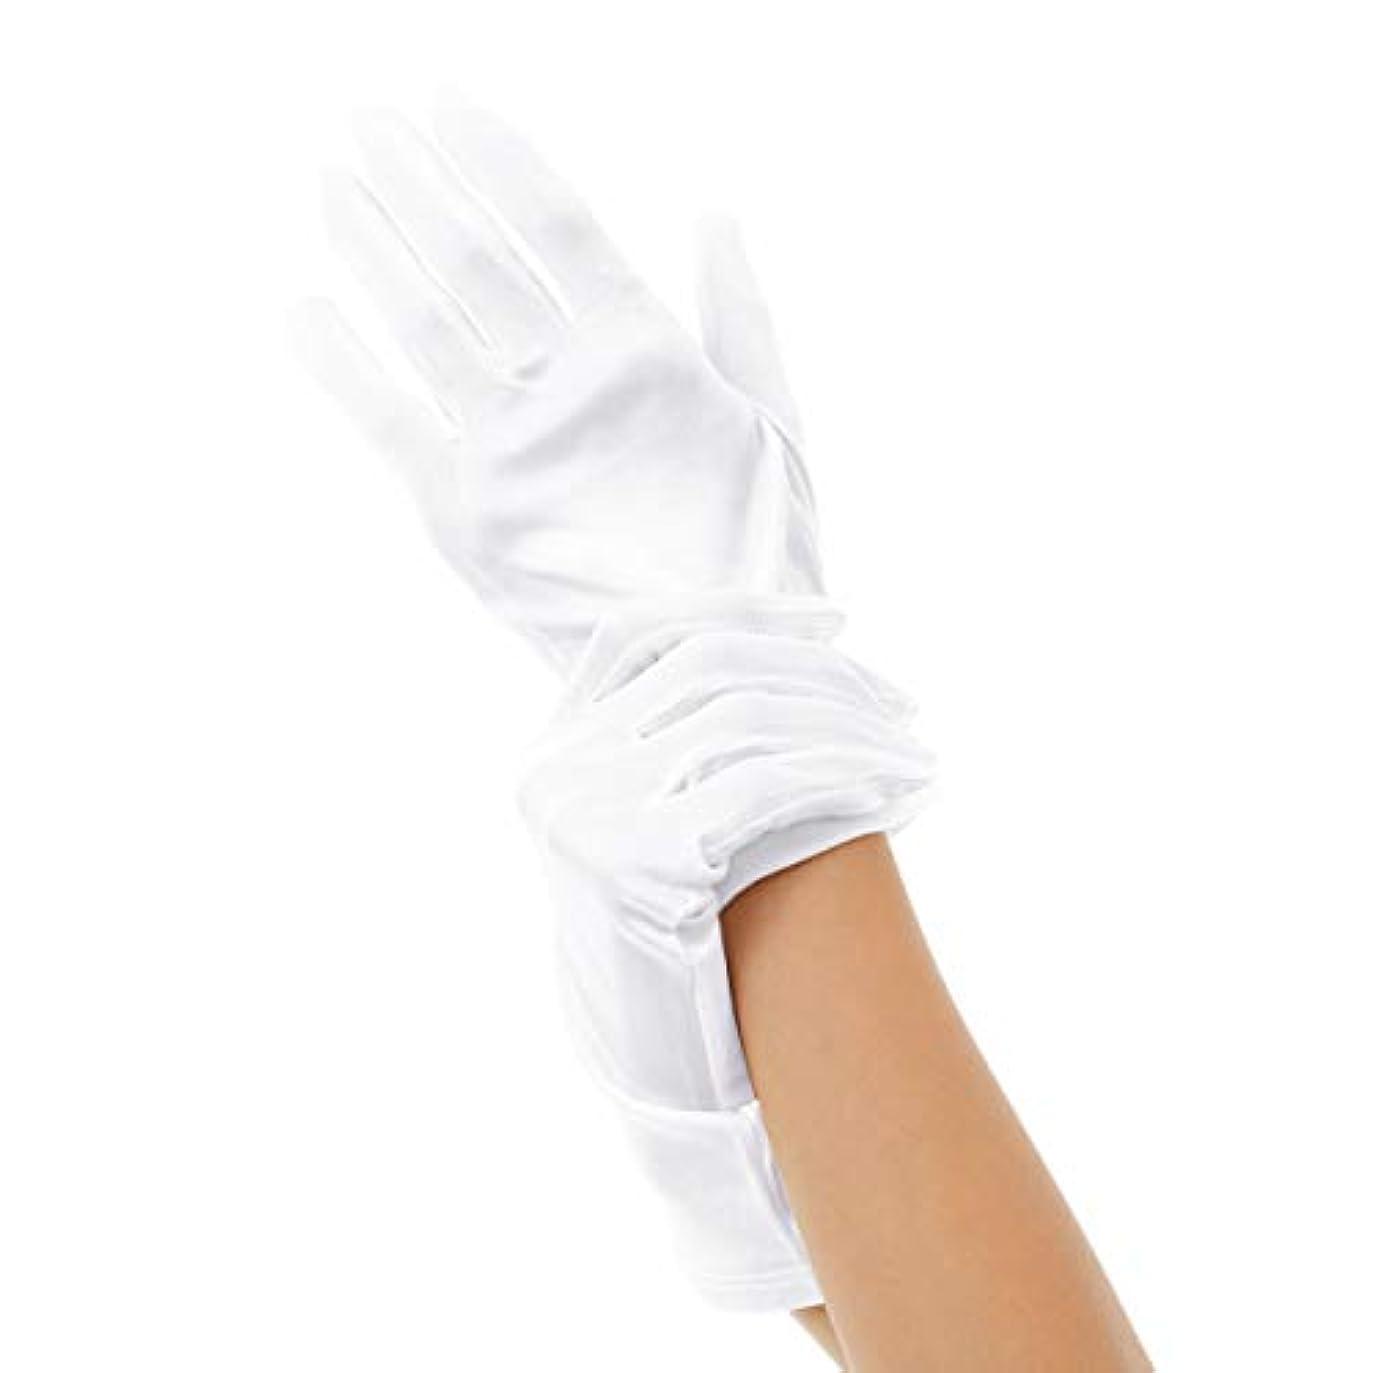 戦士を必要としています患者Silk 100% ハンドケア シルク 手袋 手首ゆるゆる おやすみ スキンケア グローブ 薄手のスムース素材 外出時の UV対策 や インナーグローブ にも最適 うるおい 保湿 ひび あかぎれ 保護 (L, ホワイト)